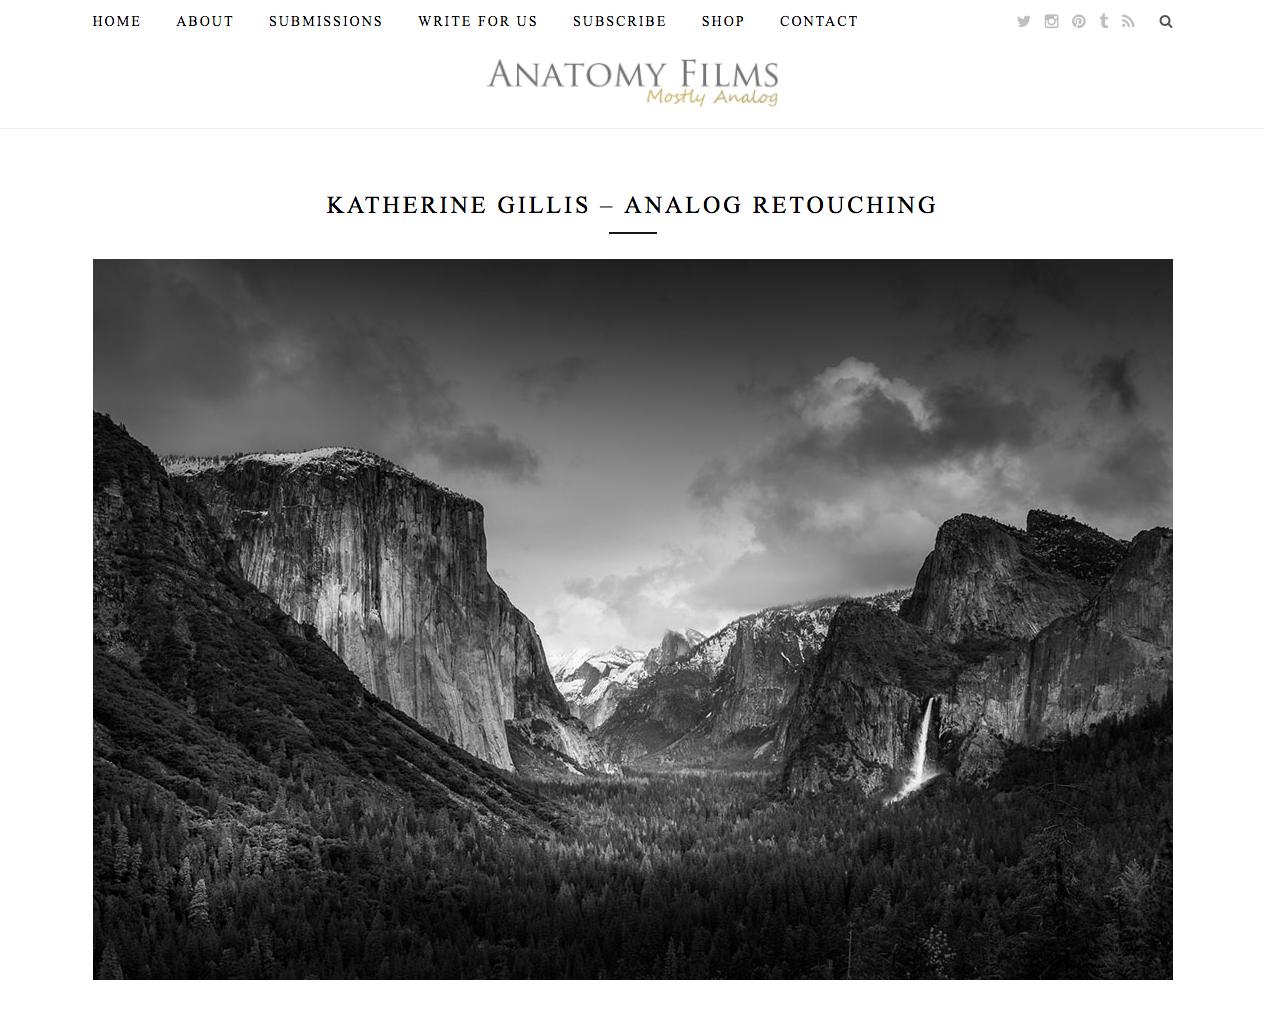 AnatomyFilms